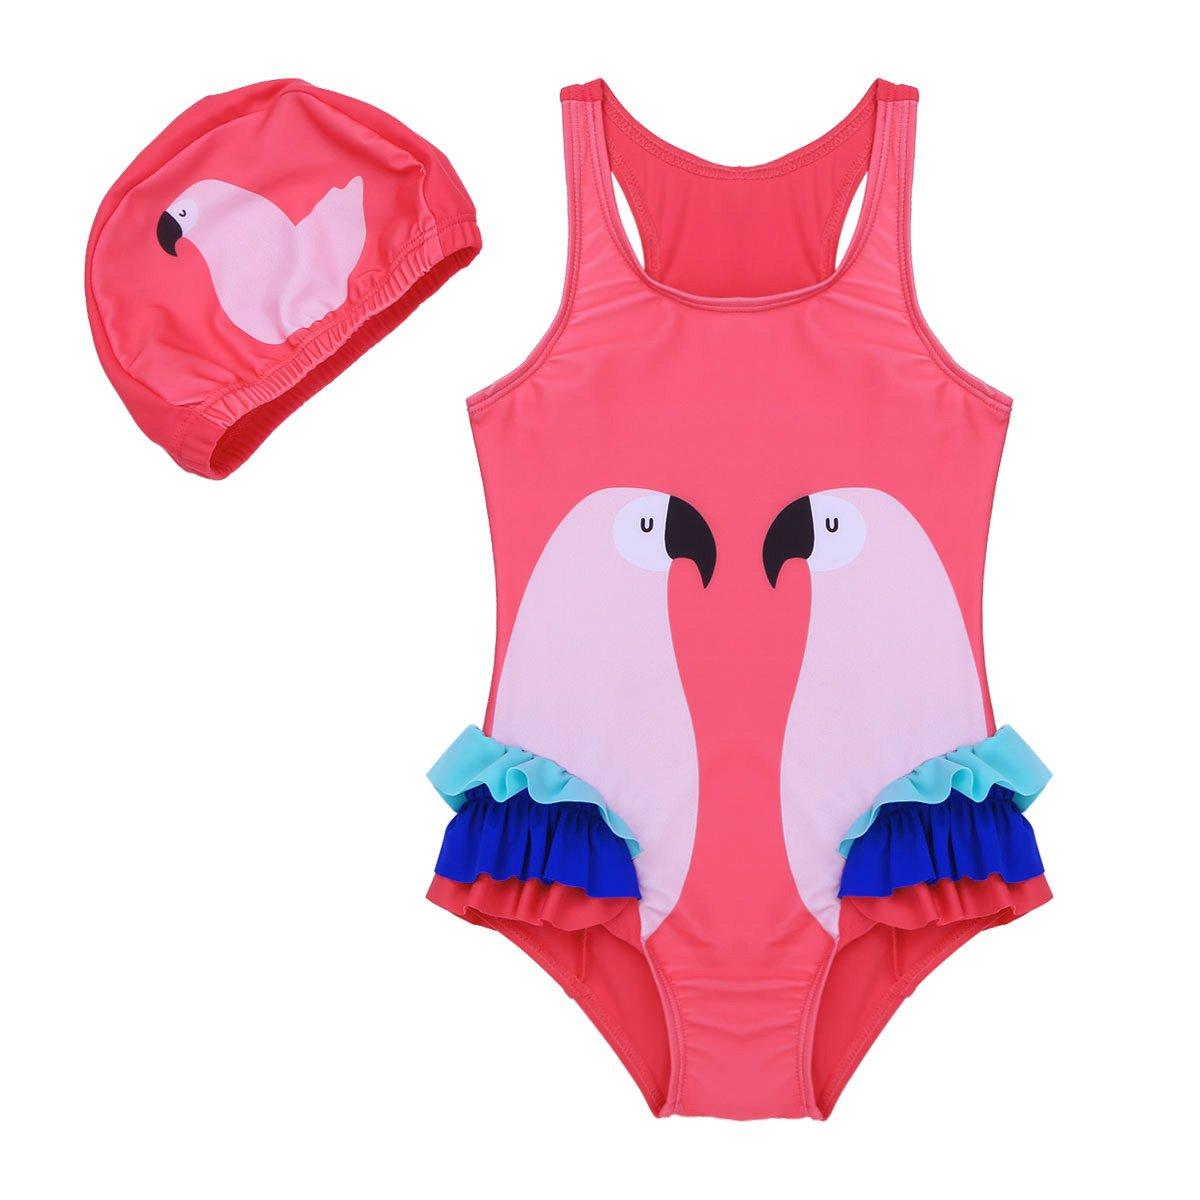 Freebily Little Infant Girls One-Piece Swan Swimsuit Ruffle Bathing Suit